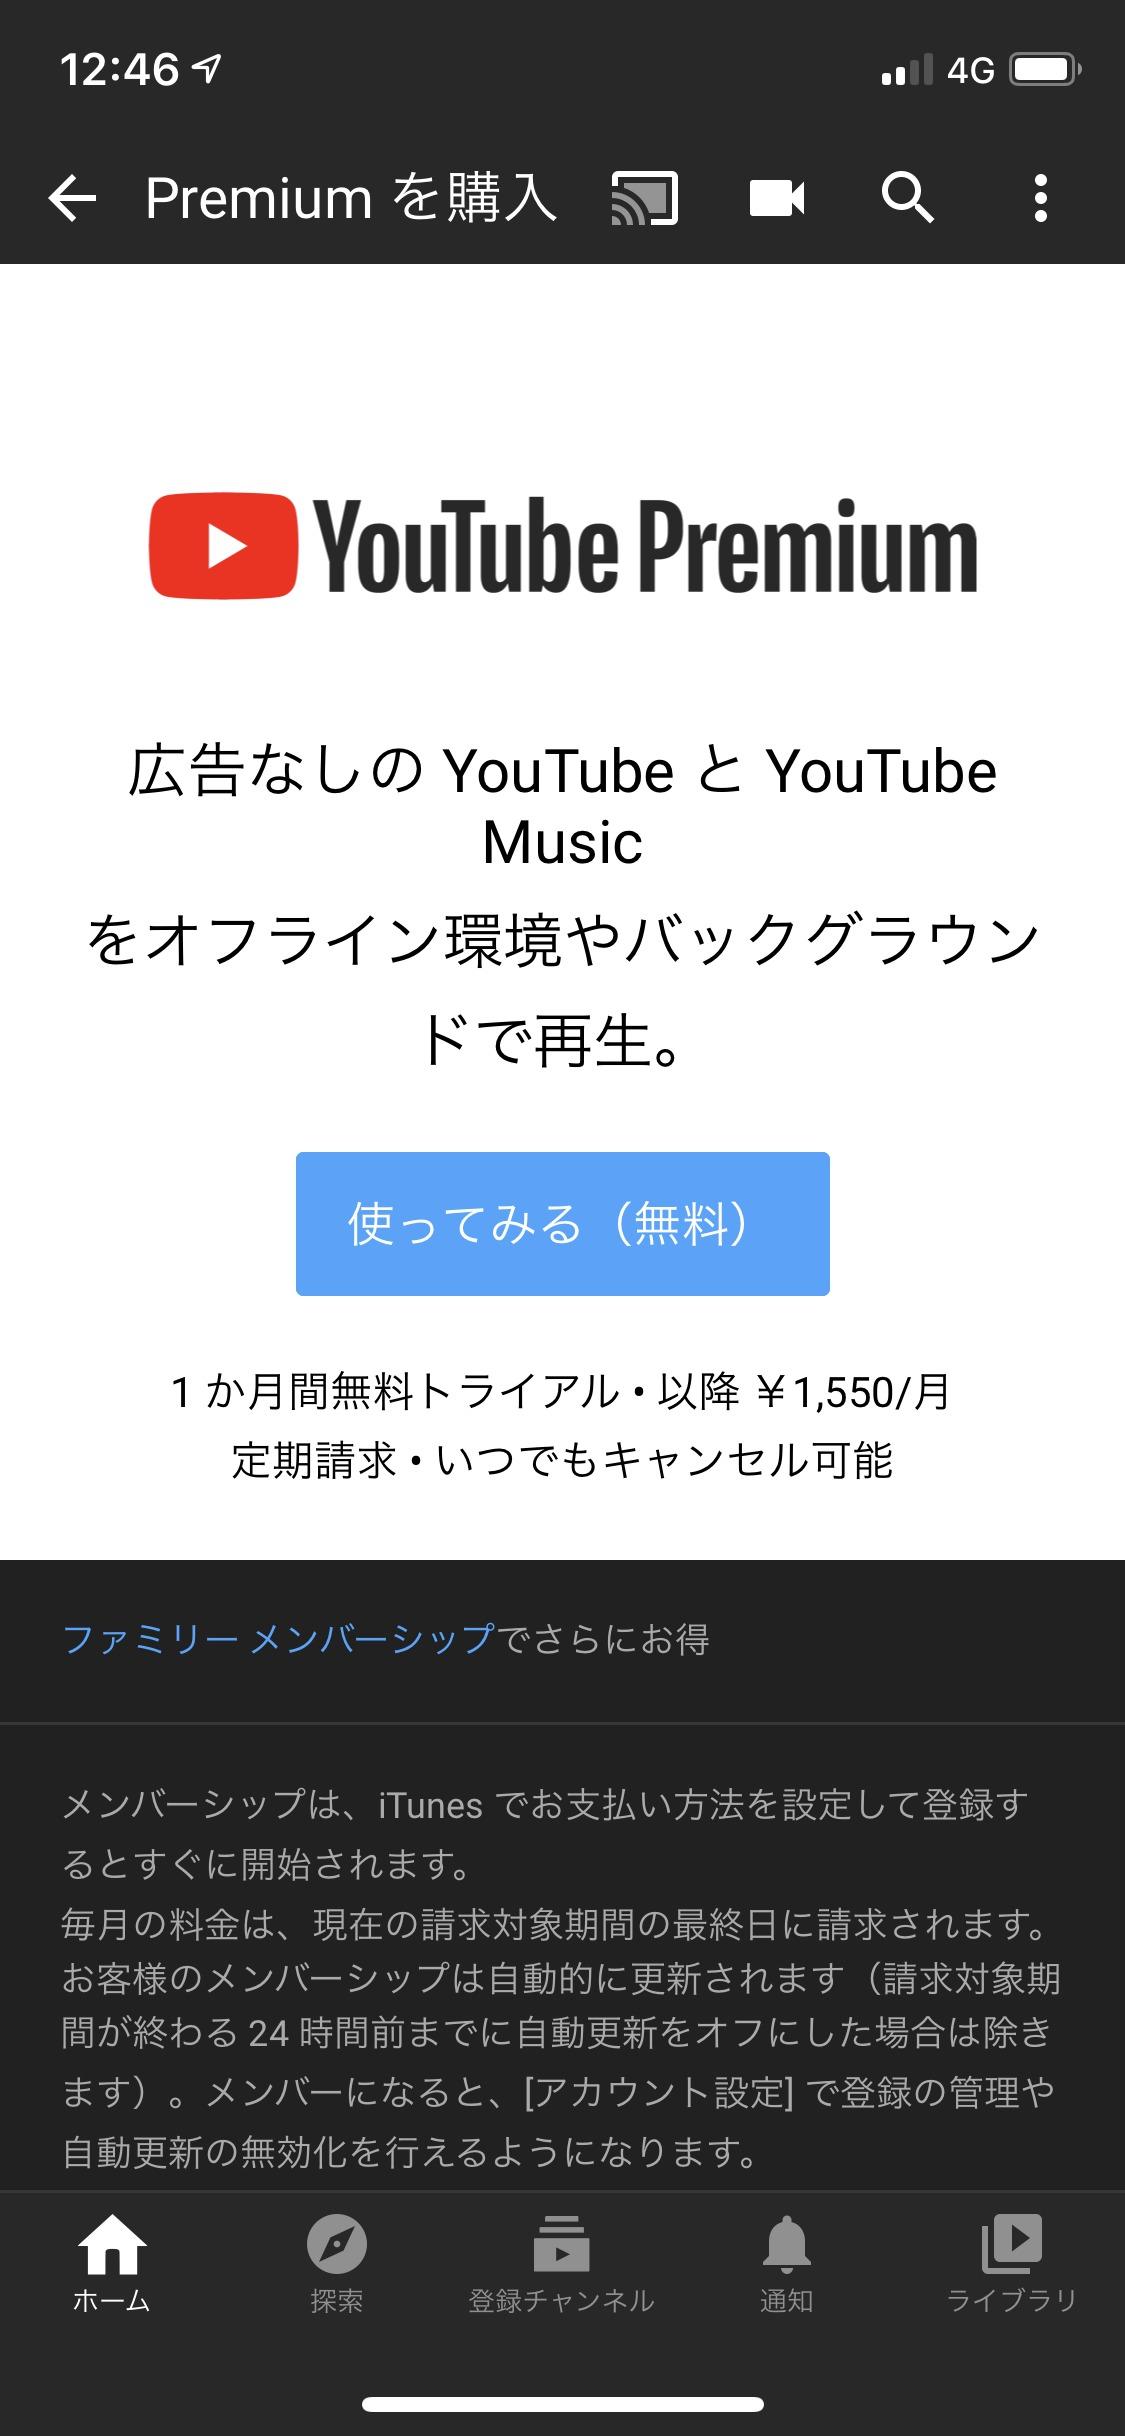 出典:ios版YouTubeアプリ